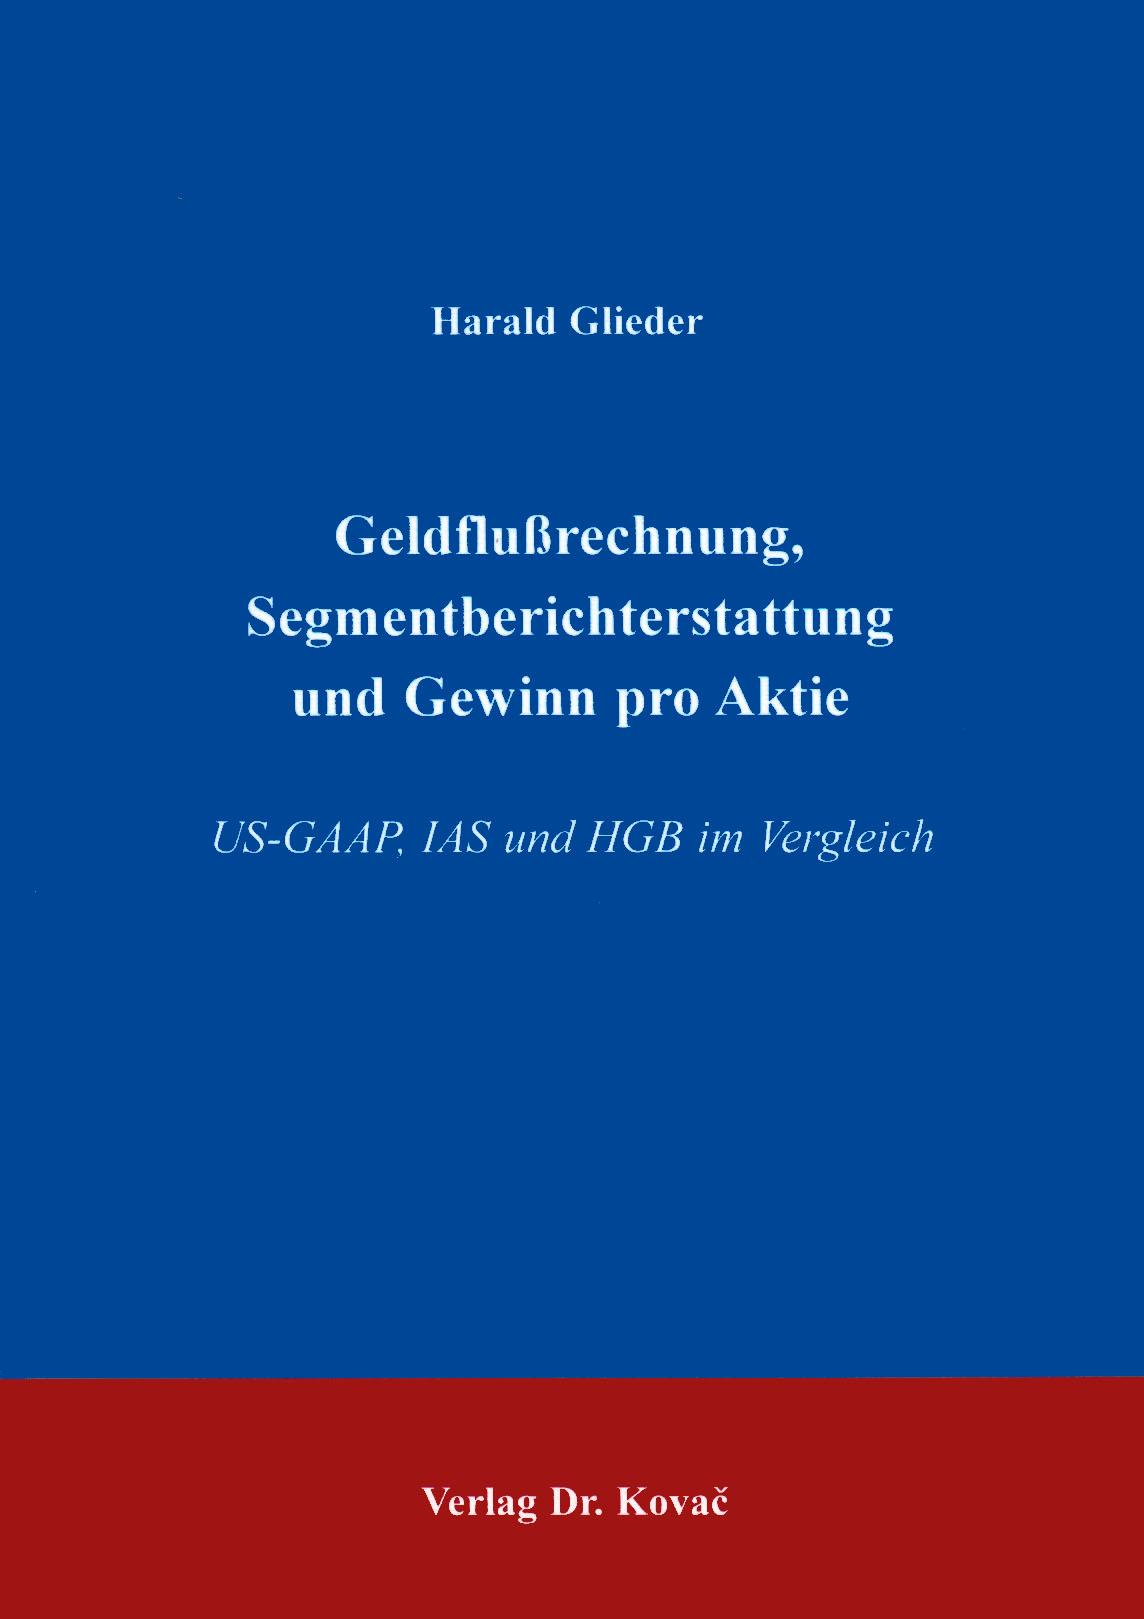 Cover: Geldflußrechnung, Segmentberichterstattung und Gewinn pro Aktie